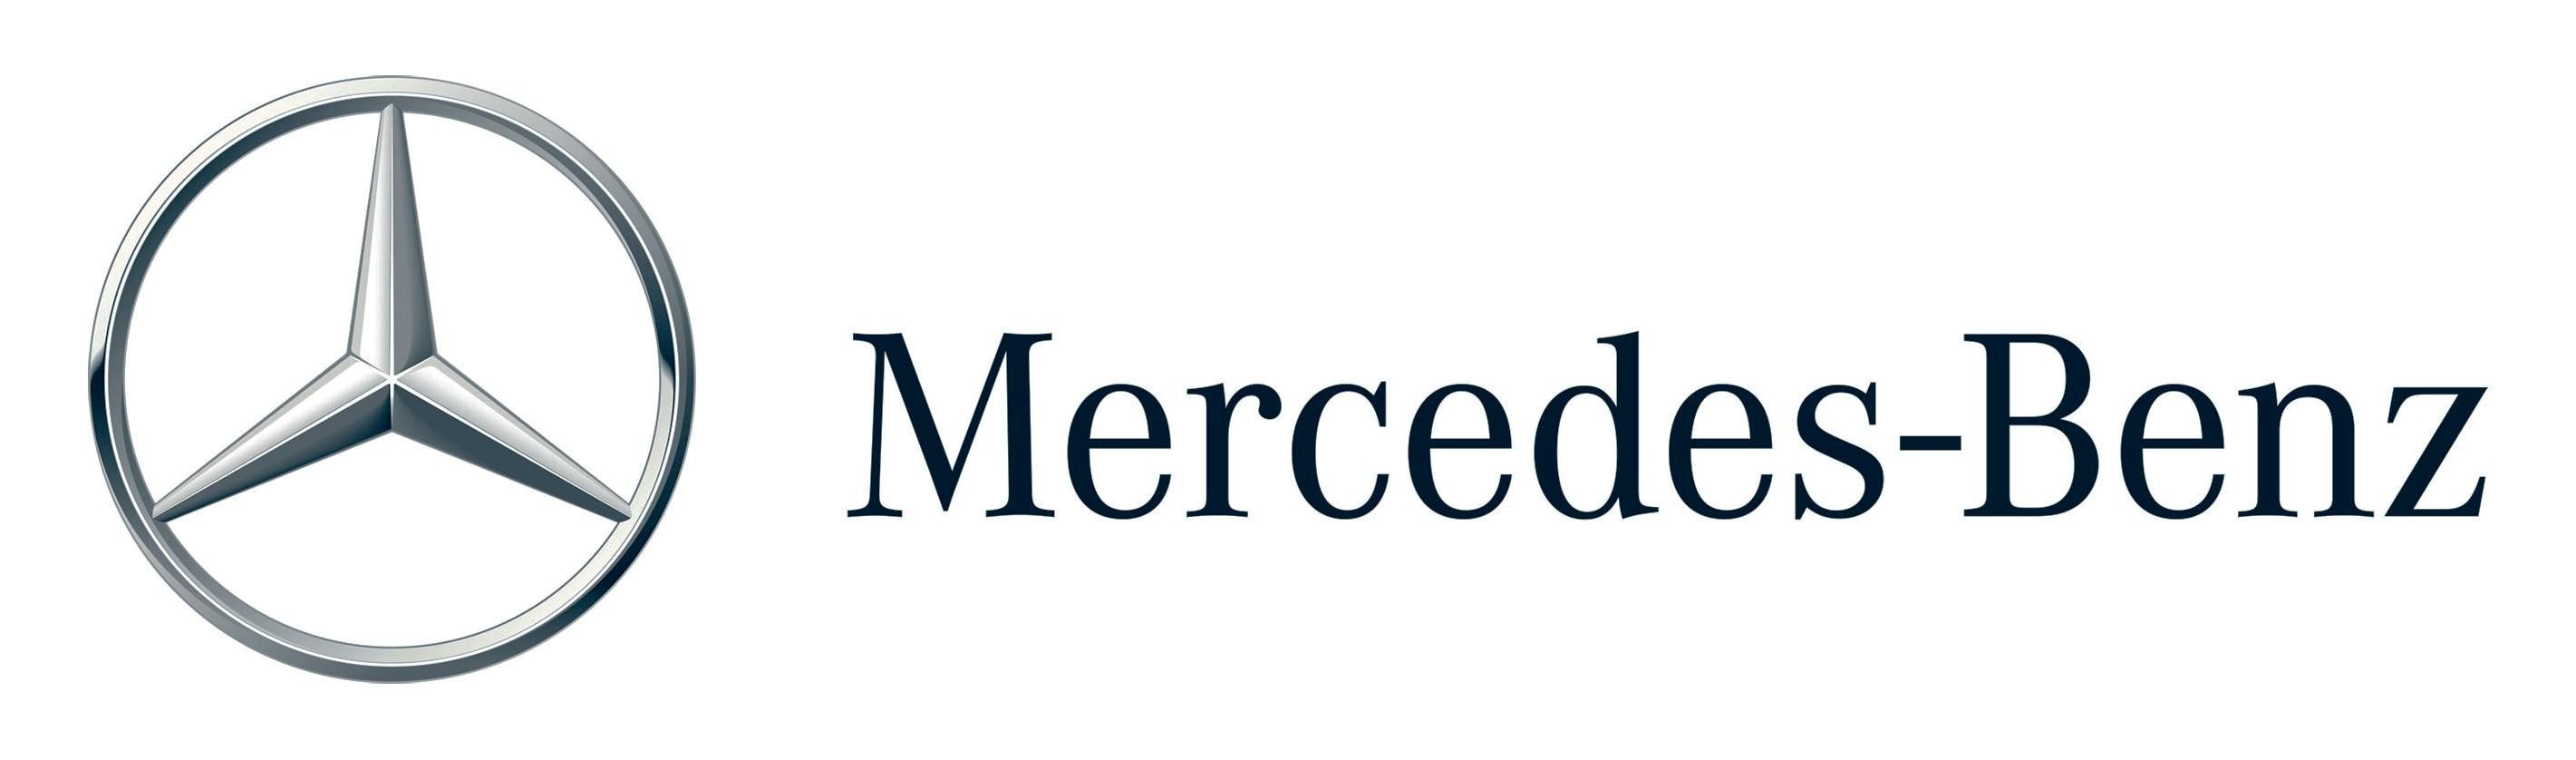 mercedes-benz-logo-wallpaper – incandescent bio